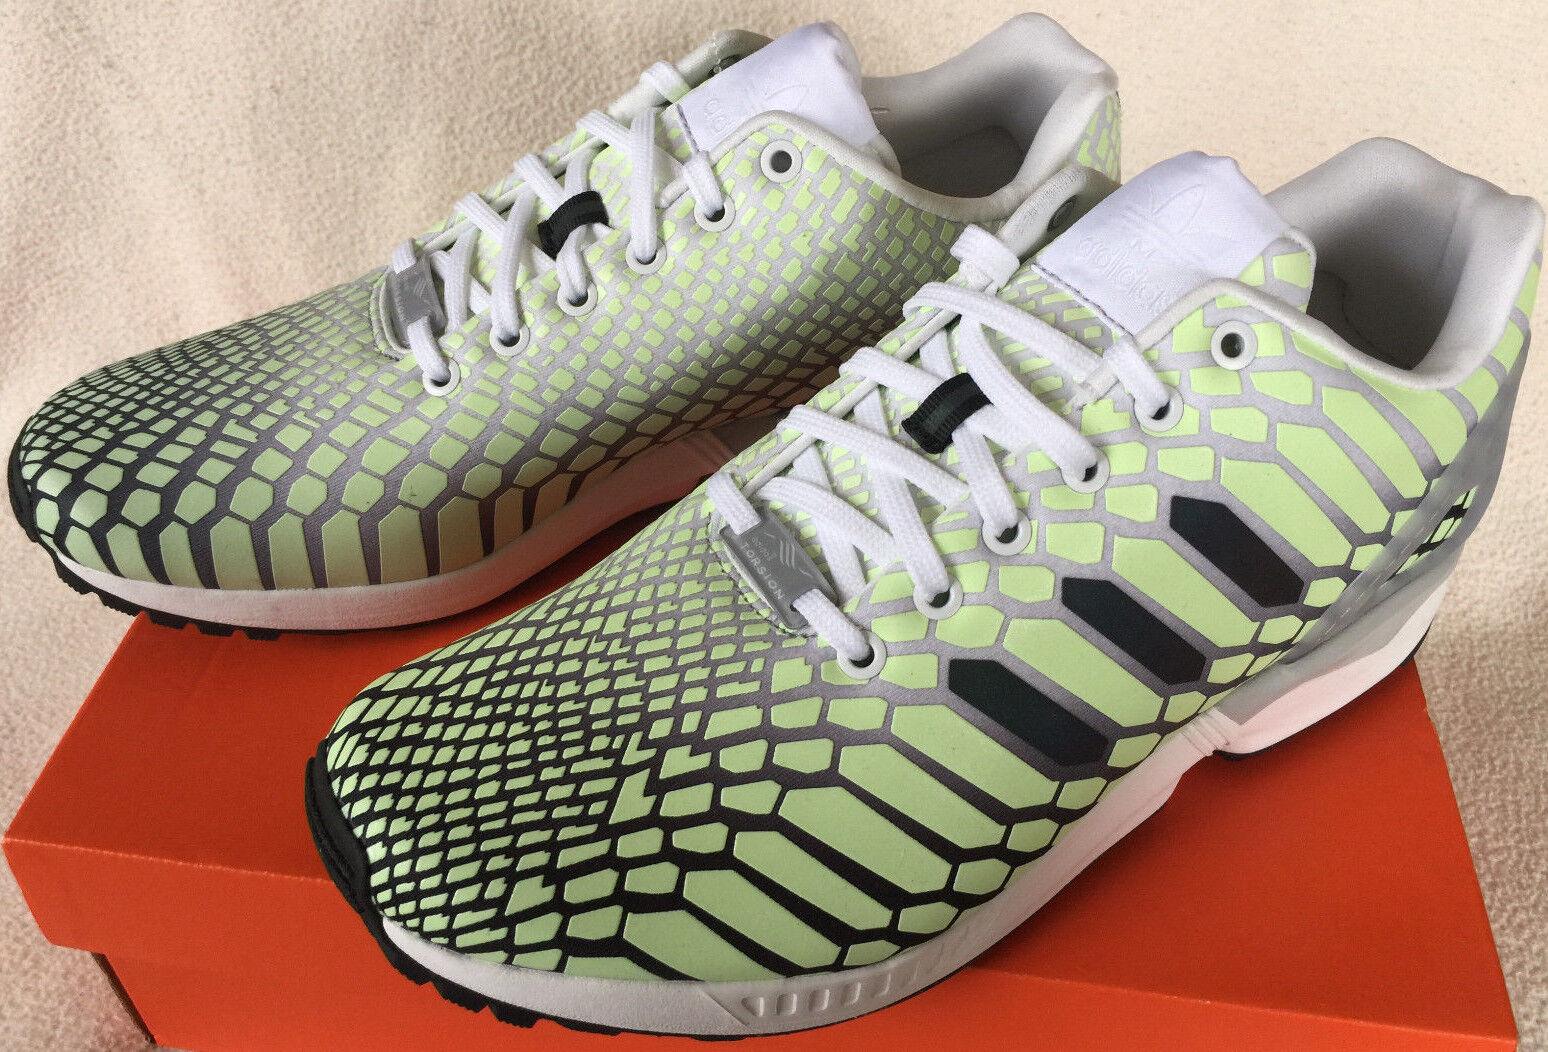 Adidas zx flujo Xeno torsión aq4535 Glow Dark torsión Xeno Marathon running zapatos hombres 10,5 d9d22b